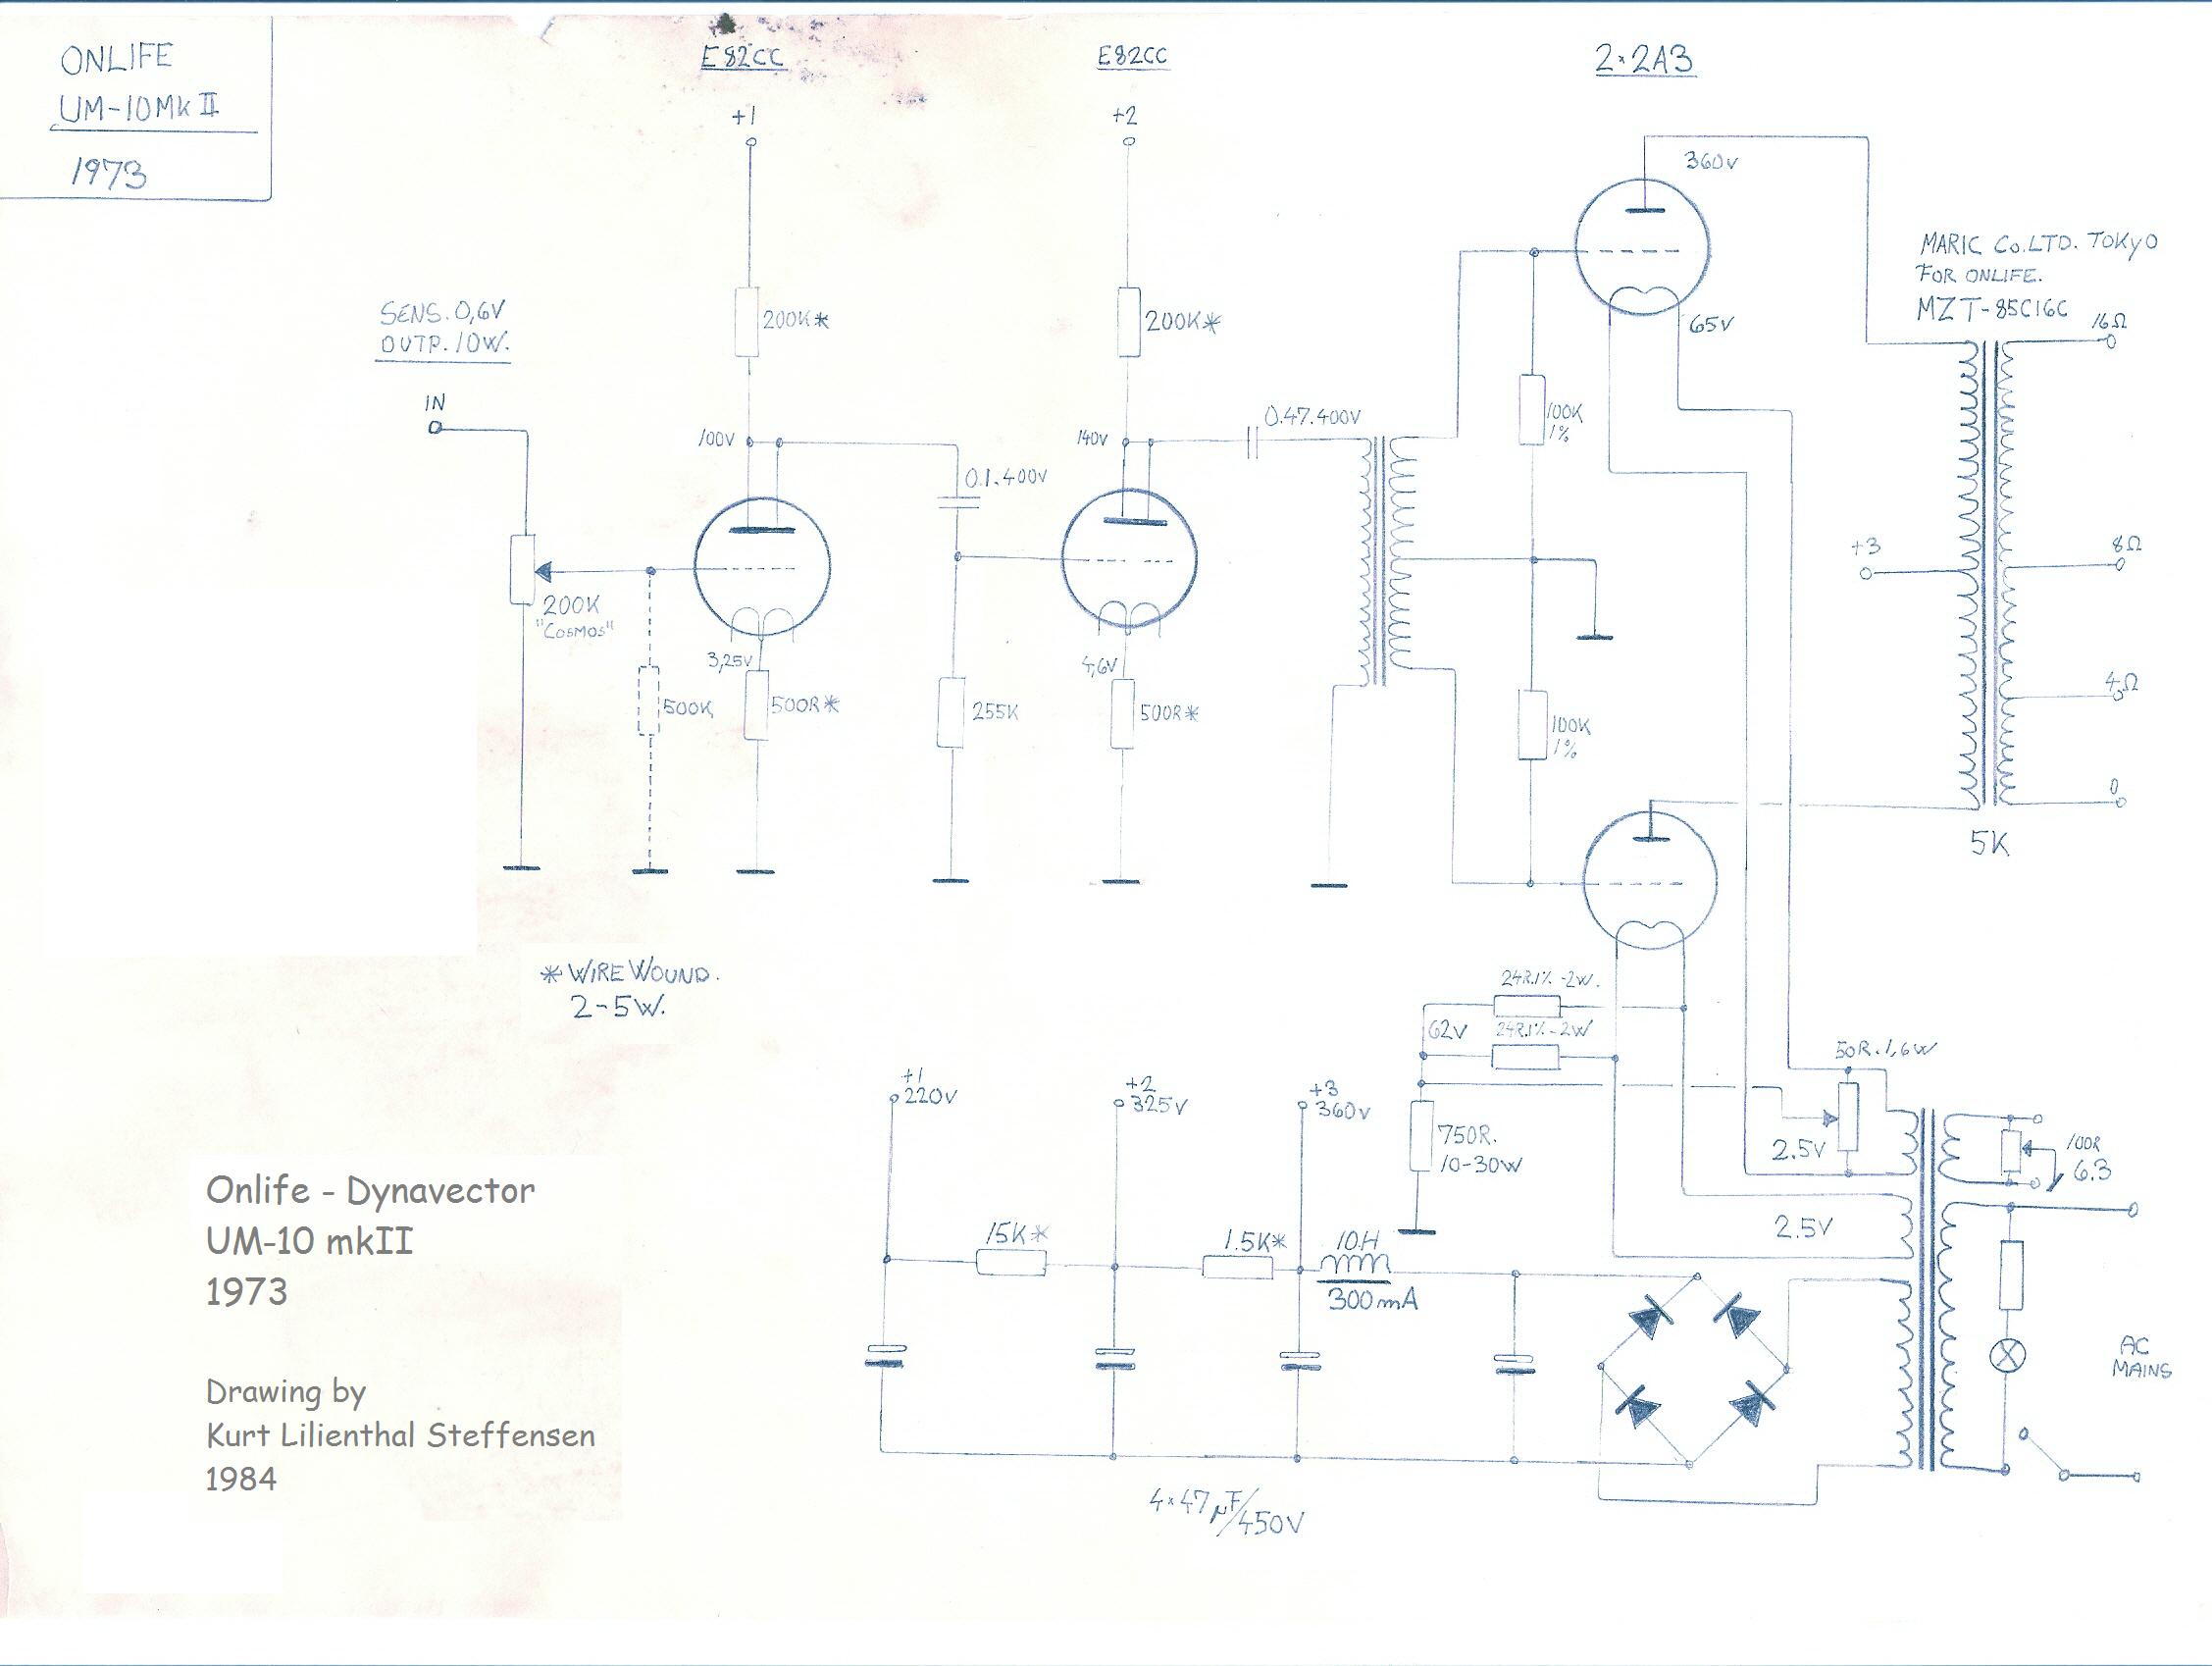 Onlife Dynavector UM-10 mkII, 2A3 PP , 1973